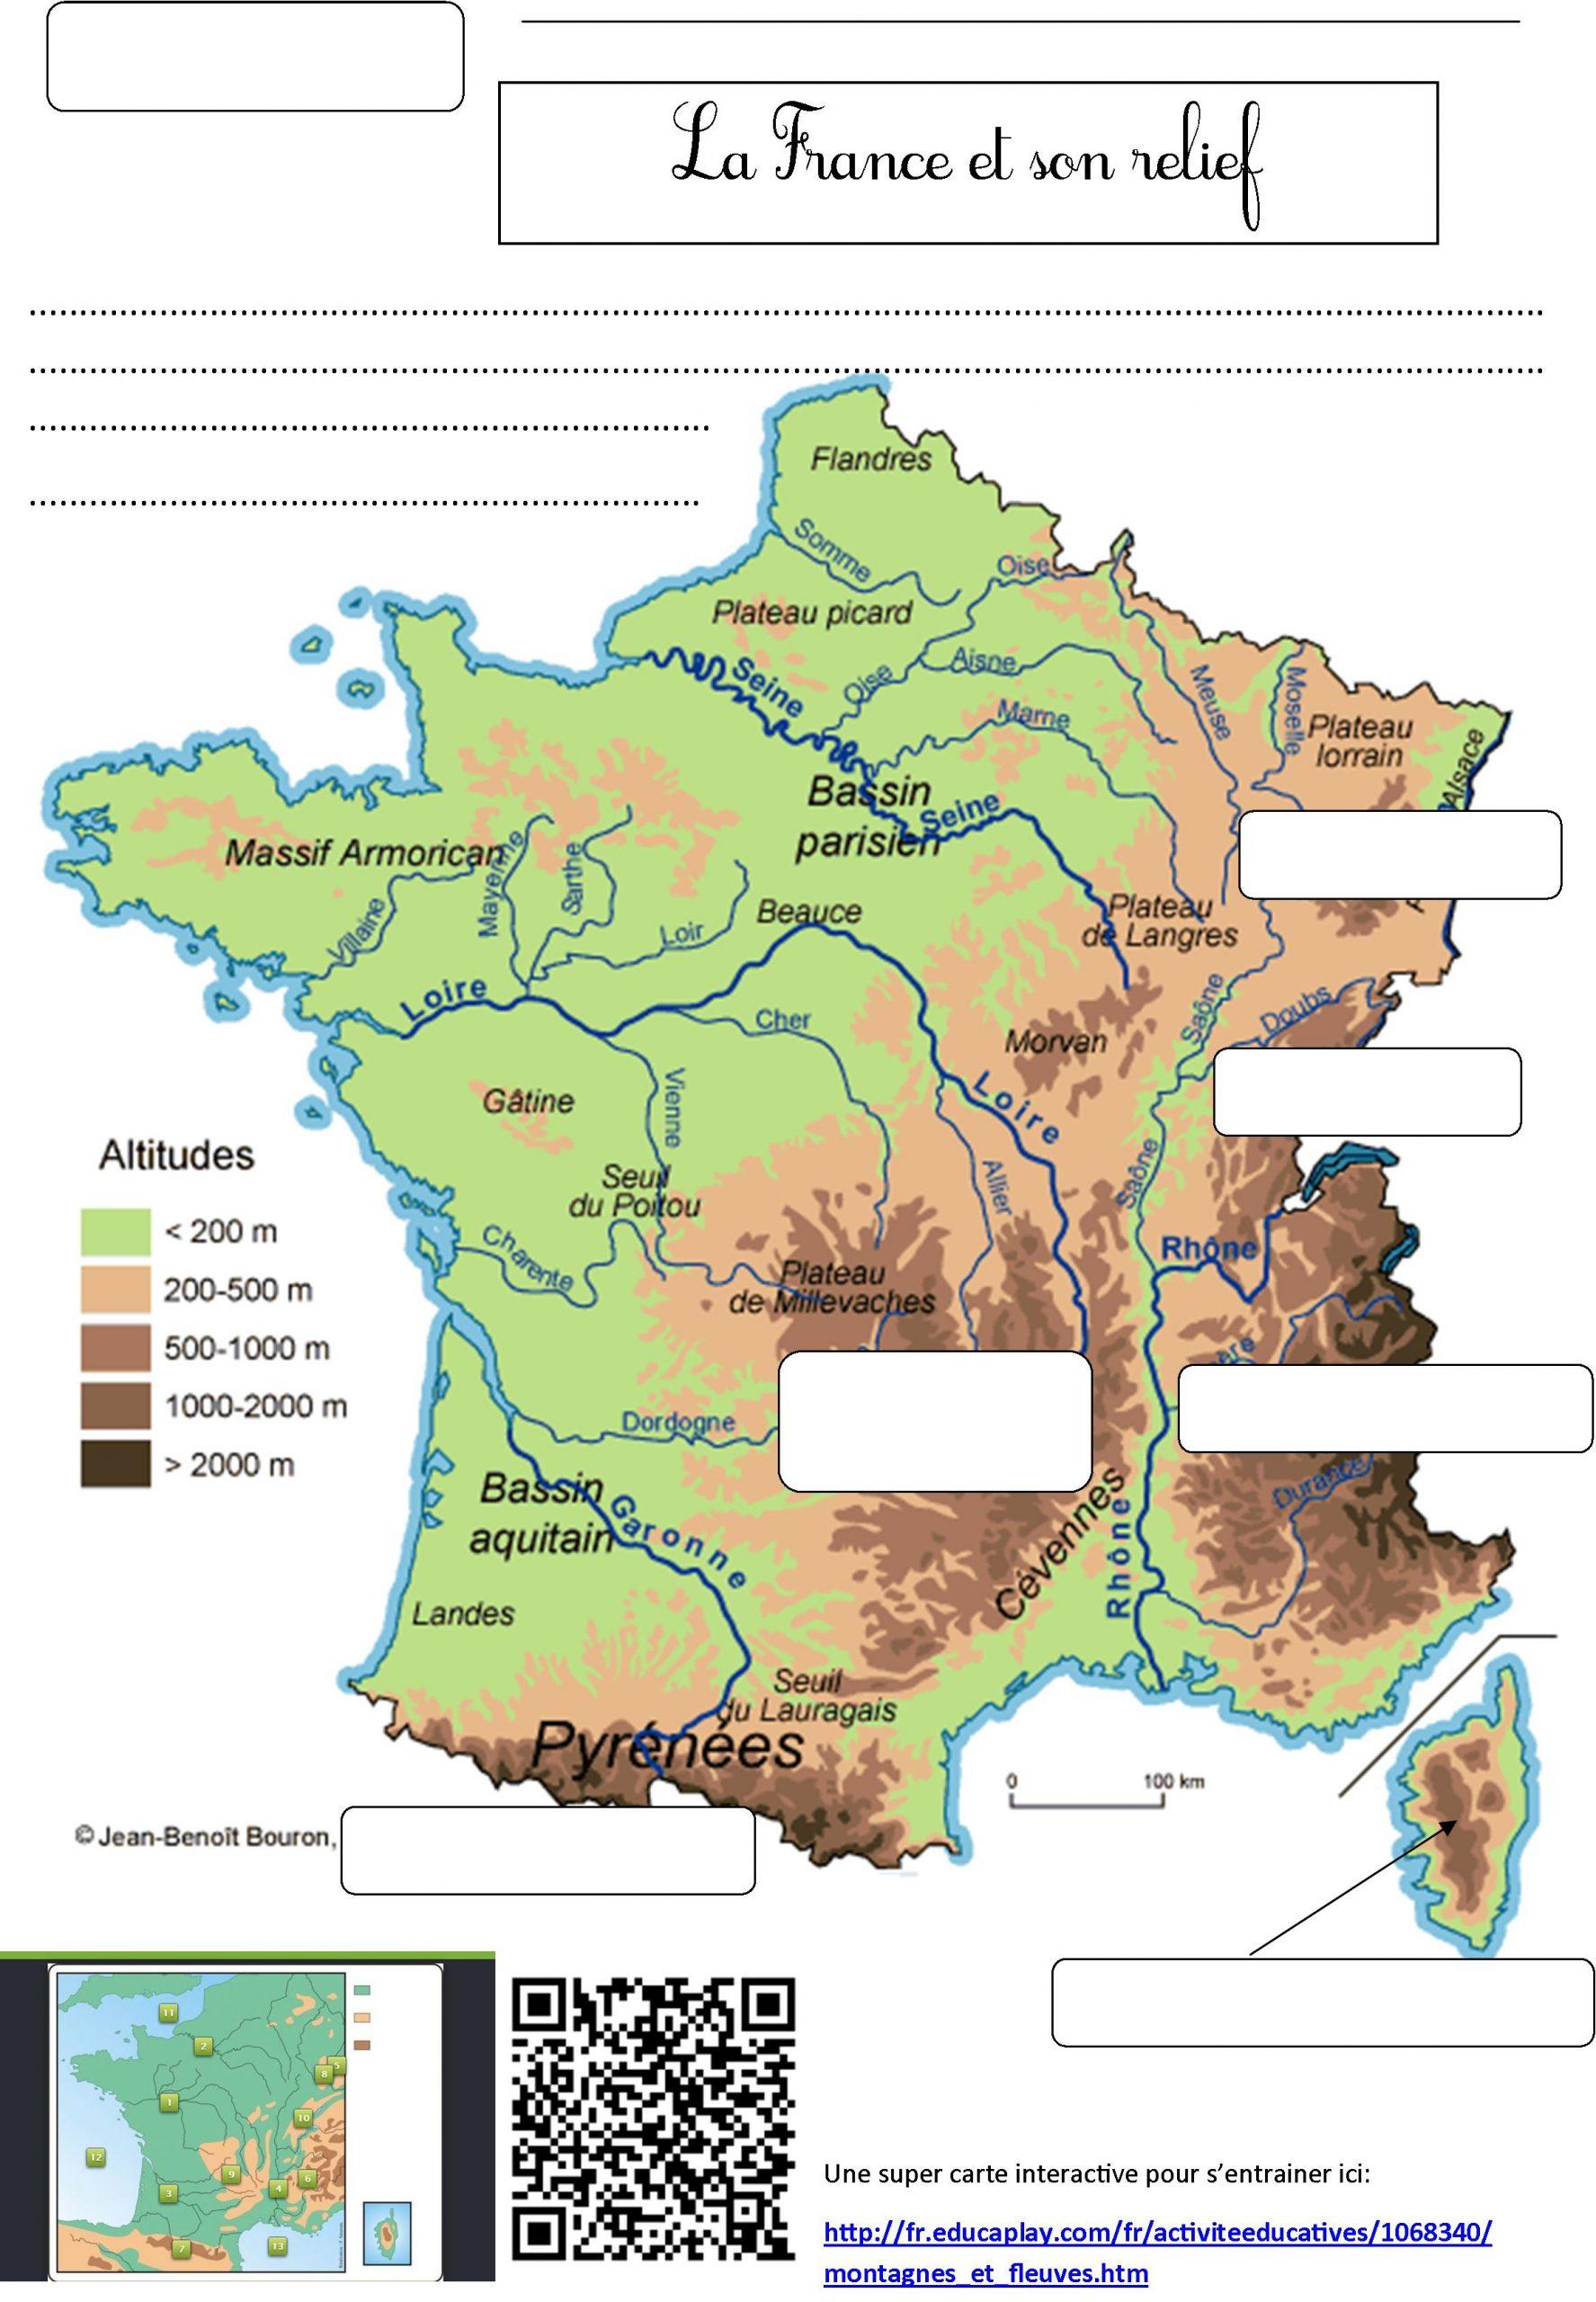 Fleuves De France | Le Blog De Monsieur Mathieu intérieur Les Fleuves En France Cycle 3